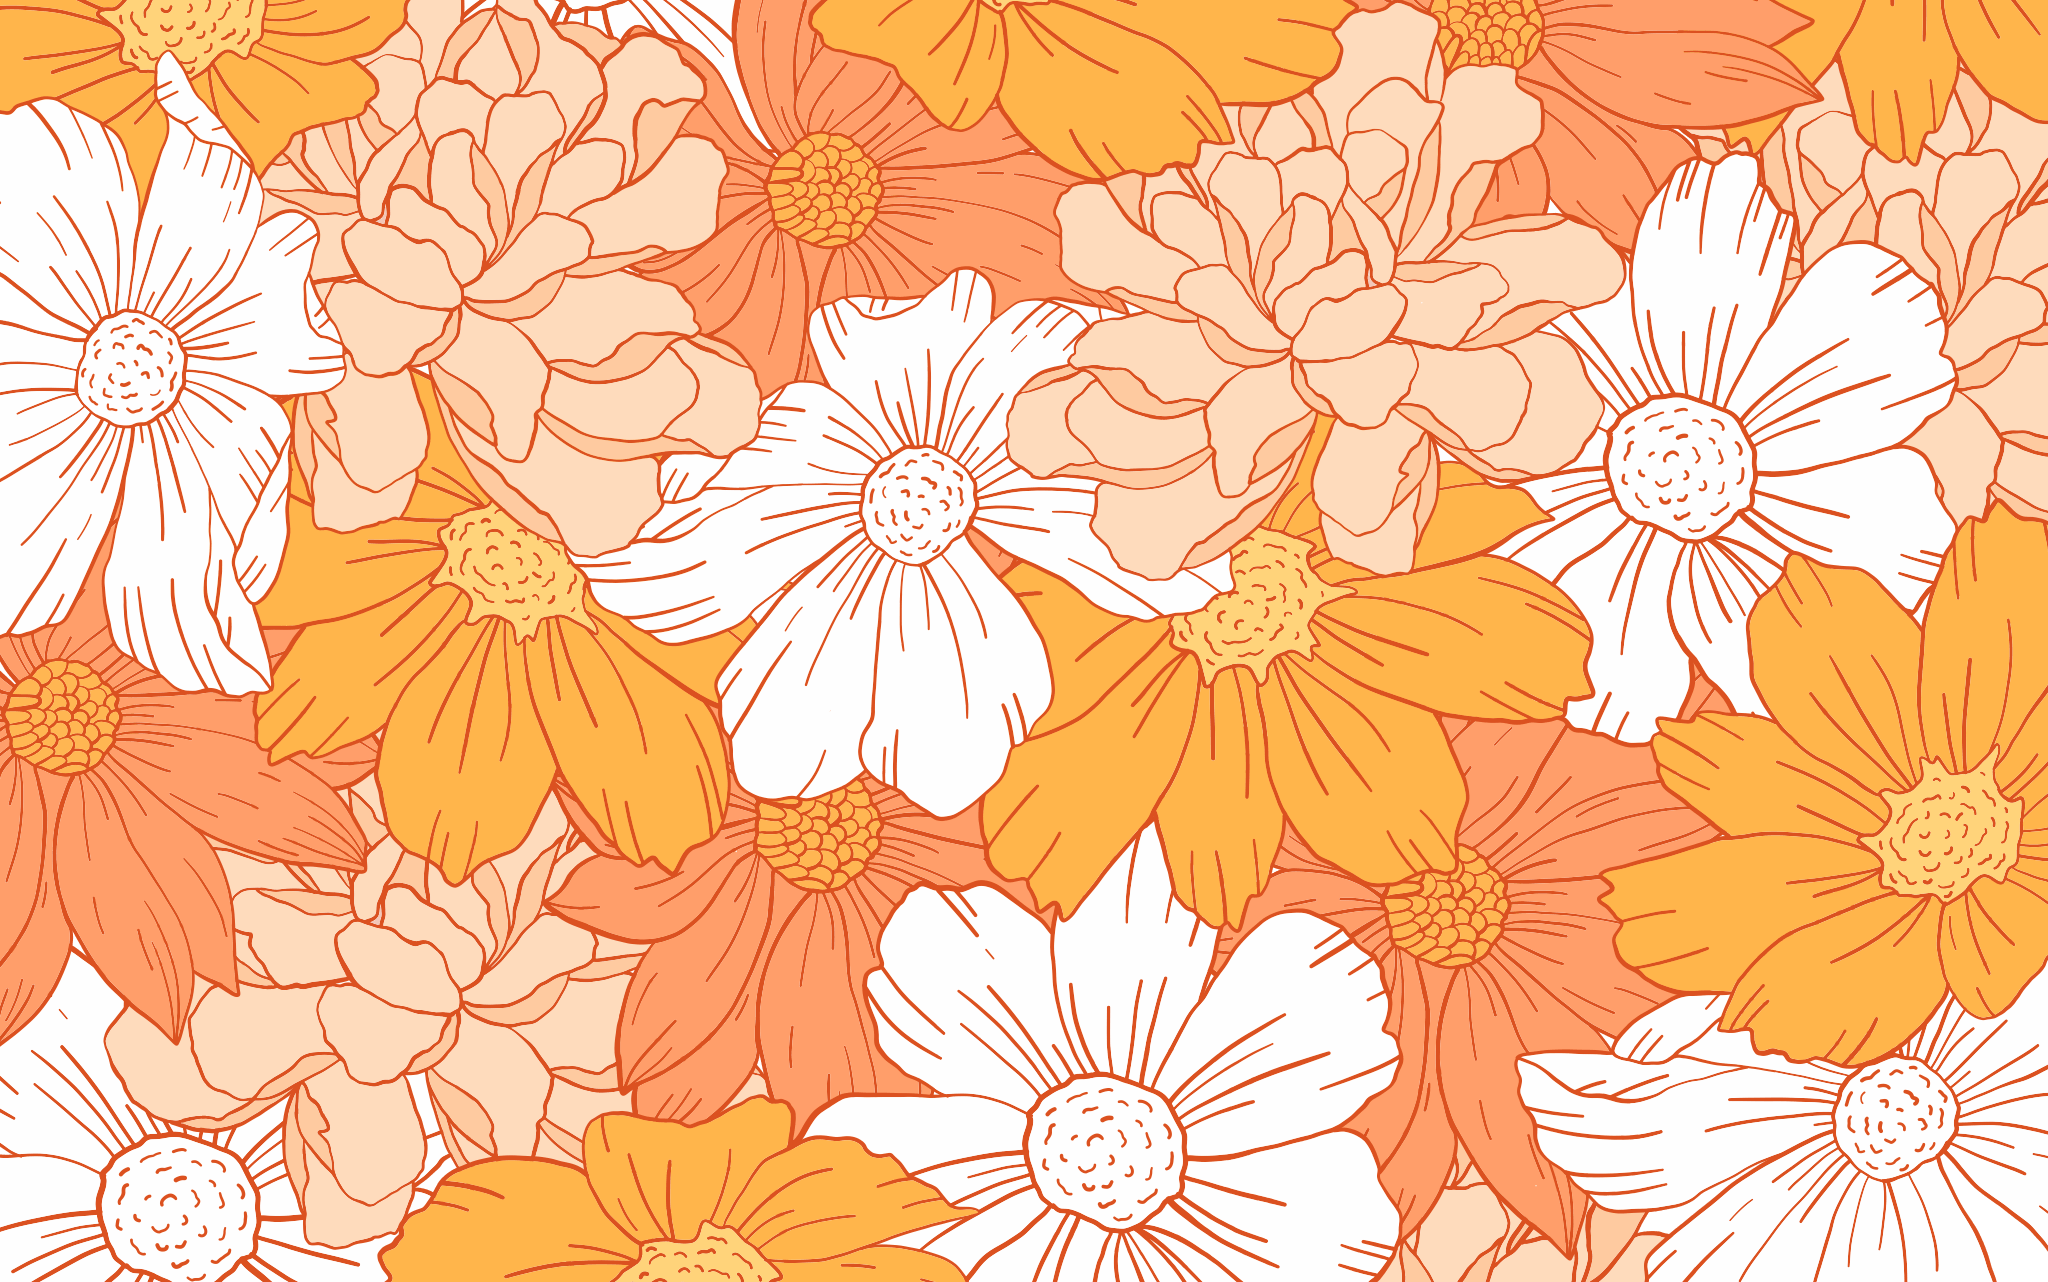 Butterfly In 2020 Desktop Wallpaper Art Aesthetic Desktop Wallpaper Cute Desktop Wallpaper